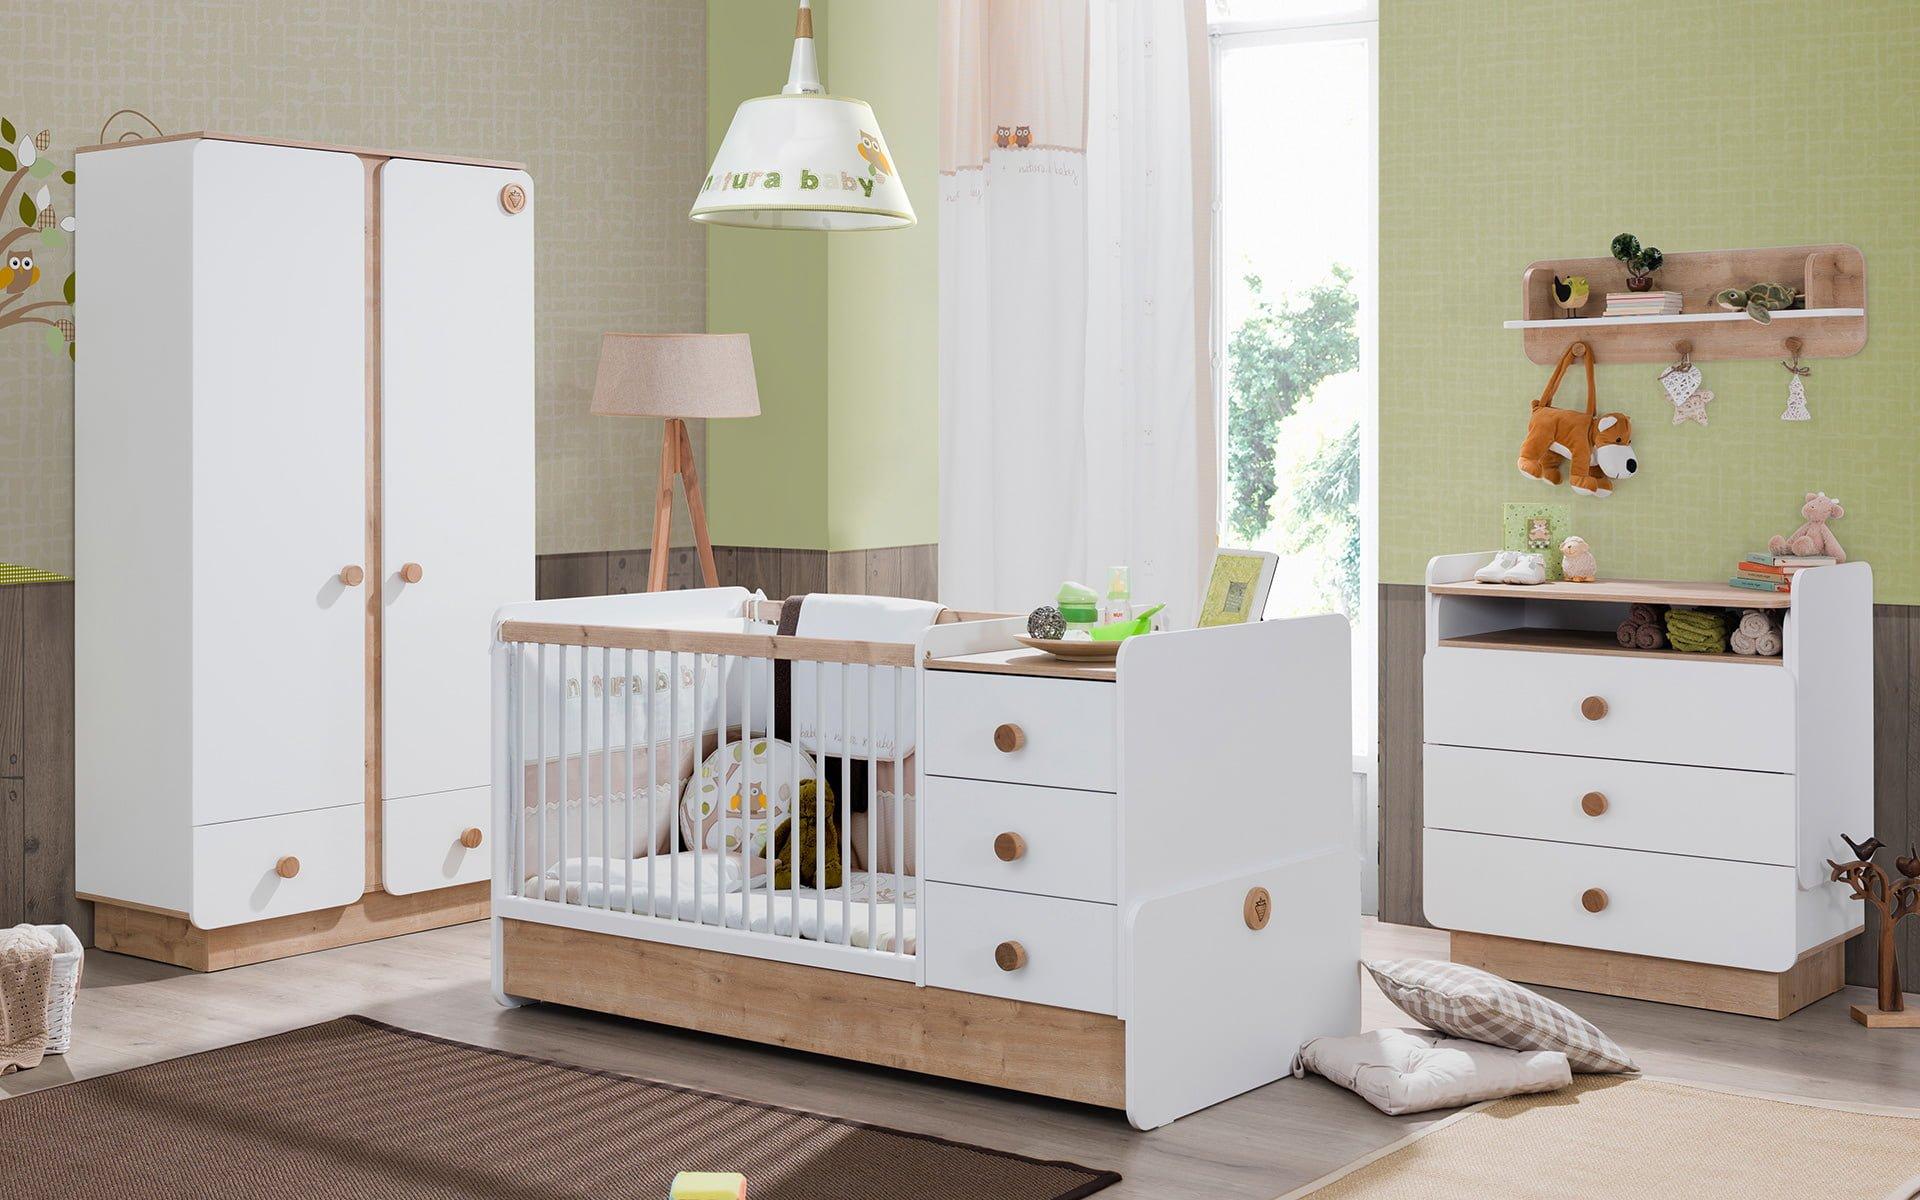 cilek-Natura Baby-bebek-odasi Çilek mobilya 2015 bebek odası tasarımları